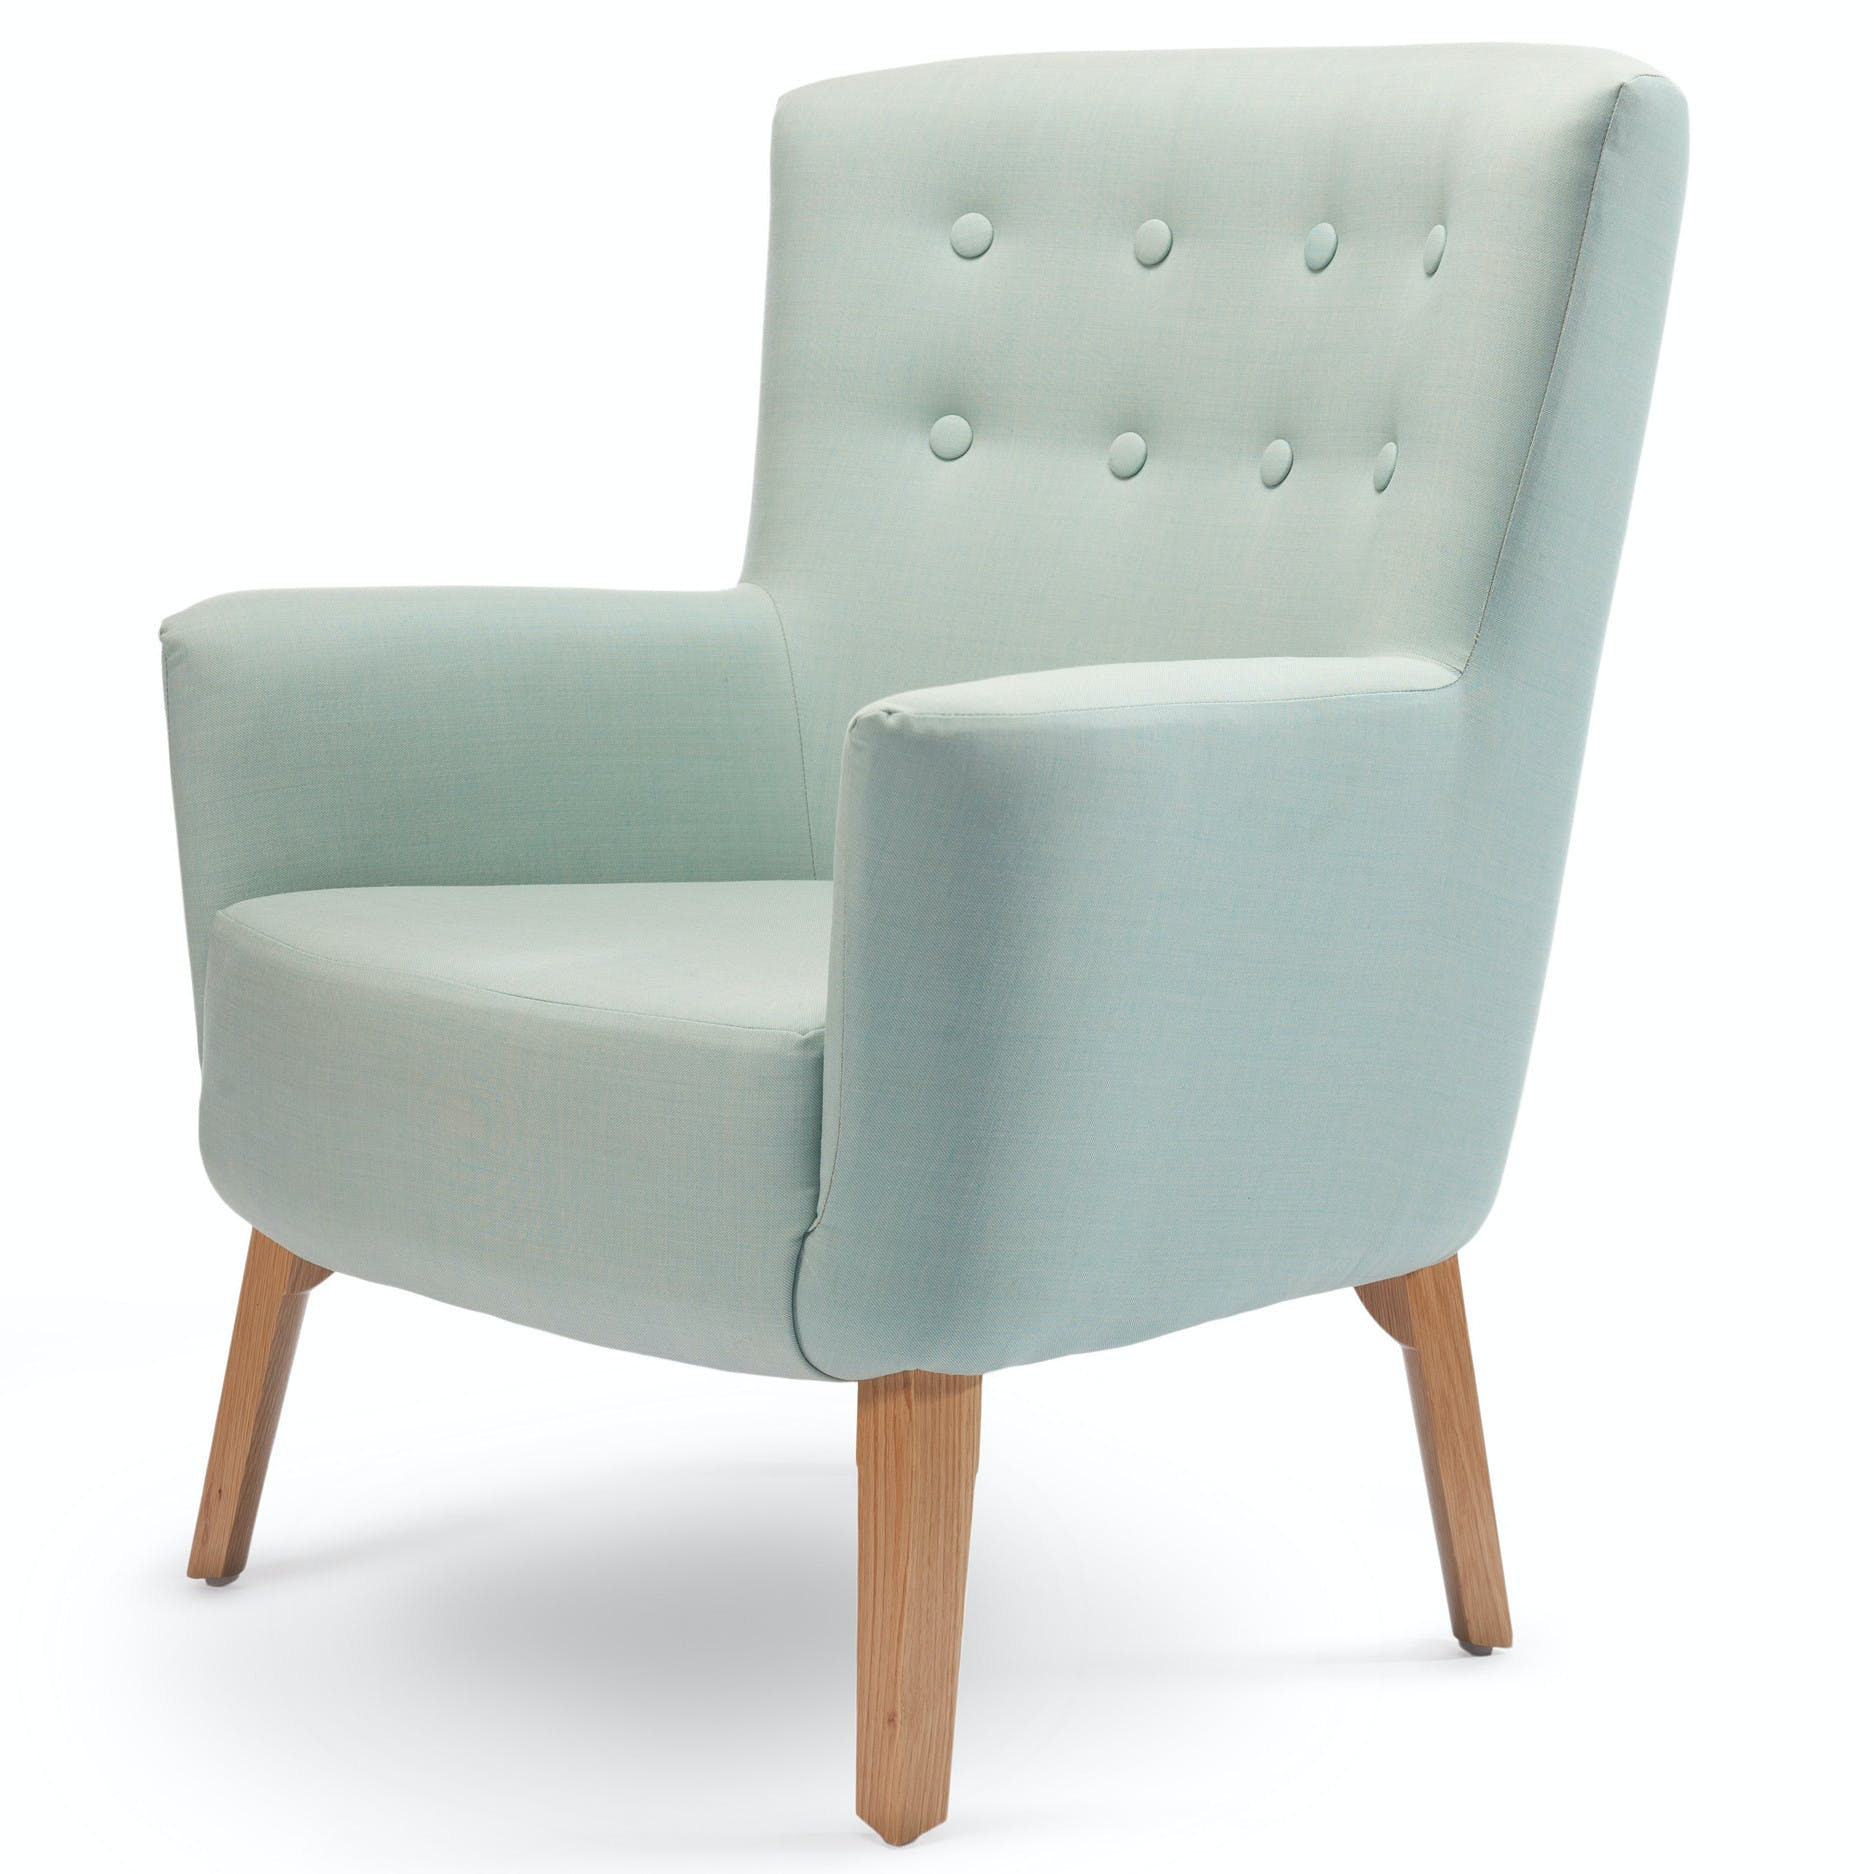 Deadgood-love-chair-side-haute-living_190305_221726